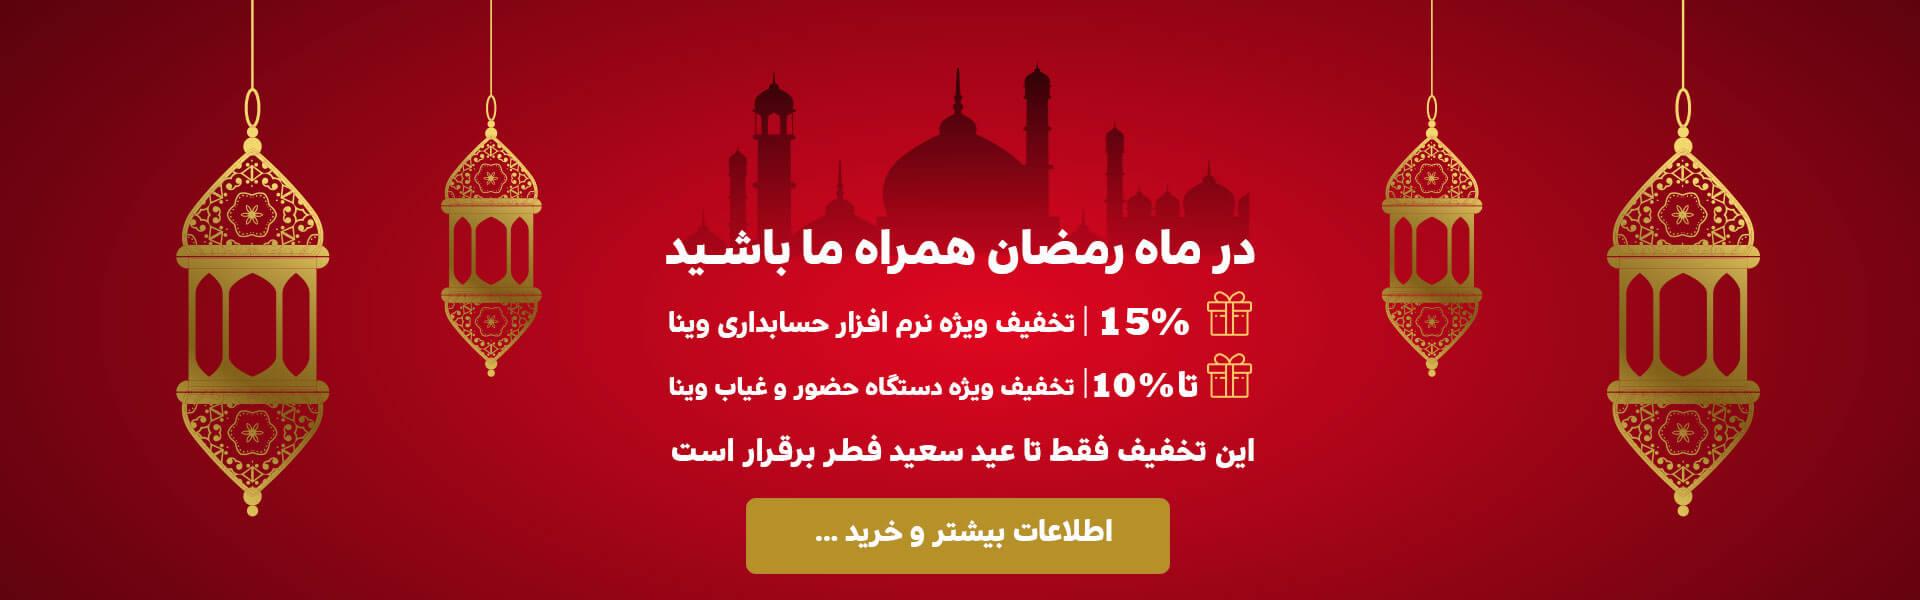 اسلايدر رمضان 1400 استور